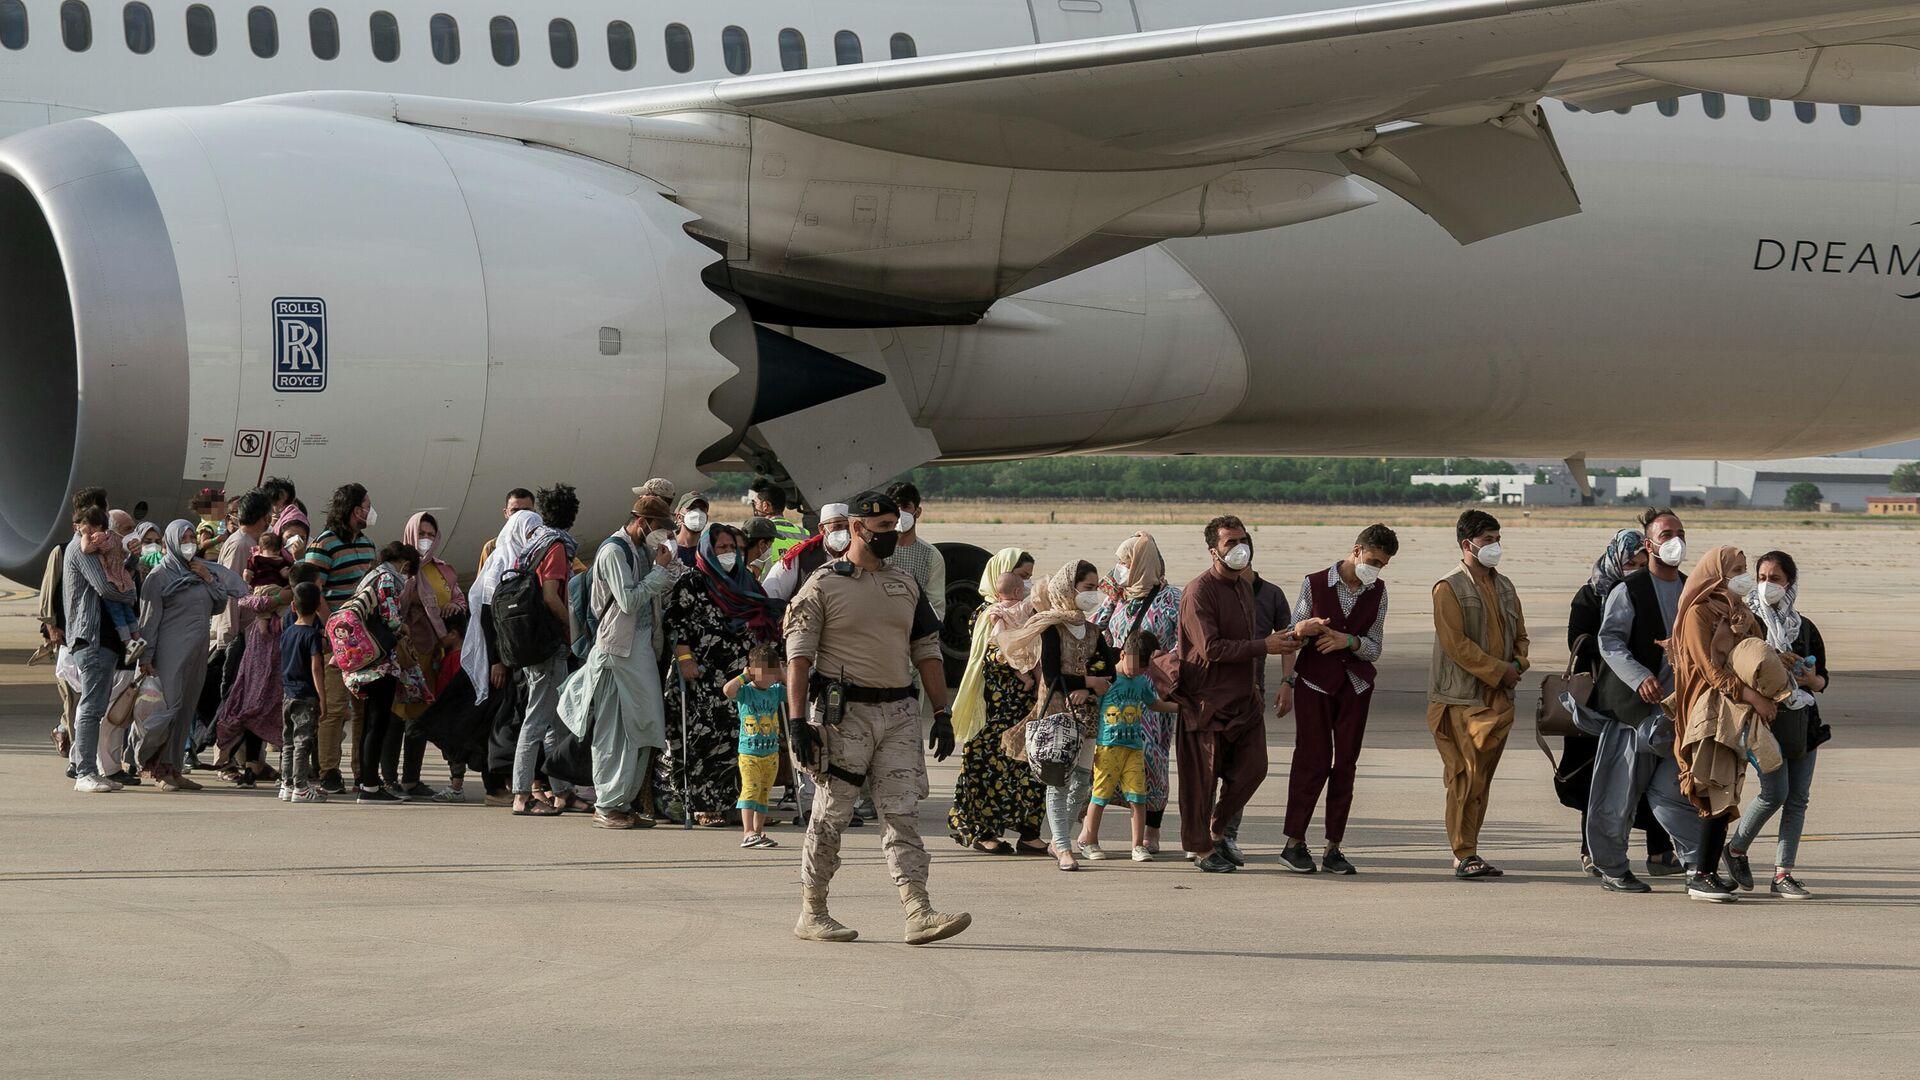 Varias personas llegan a la base aérea de Torrejón de Ardoz, procedentes de Afganistán. - Sputnik Mundo, 1920, 13.09.2021